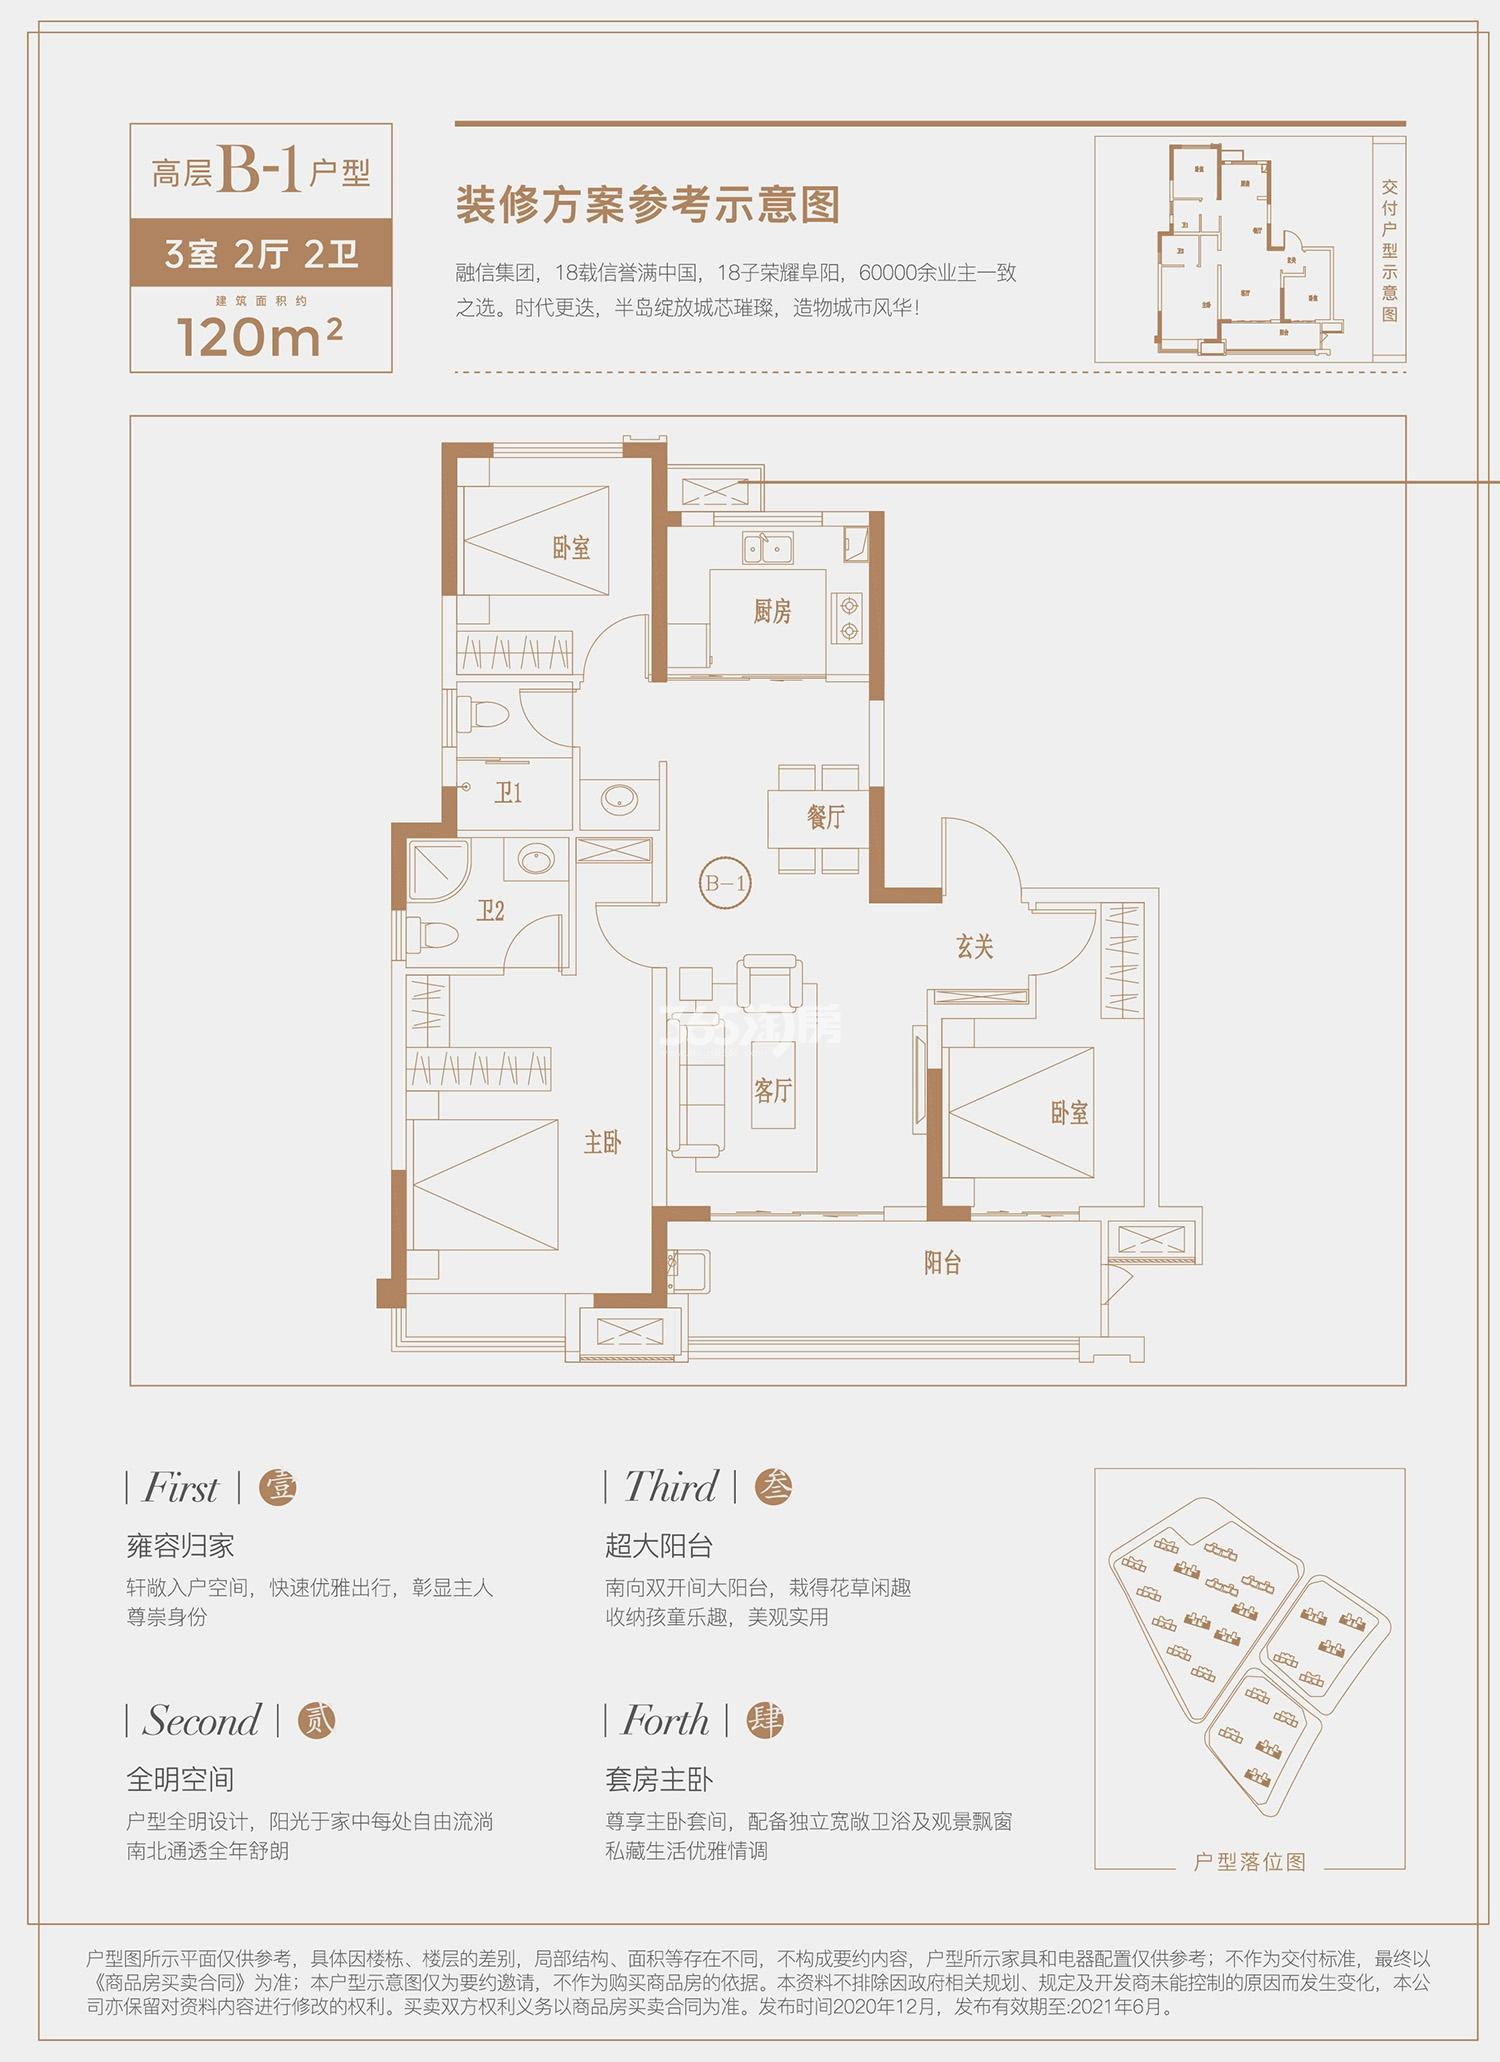 高层B1户型,3室2厅2卫120㎡